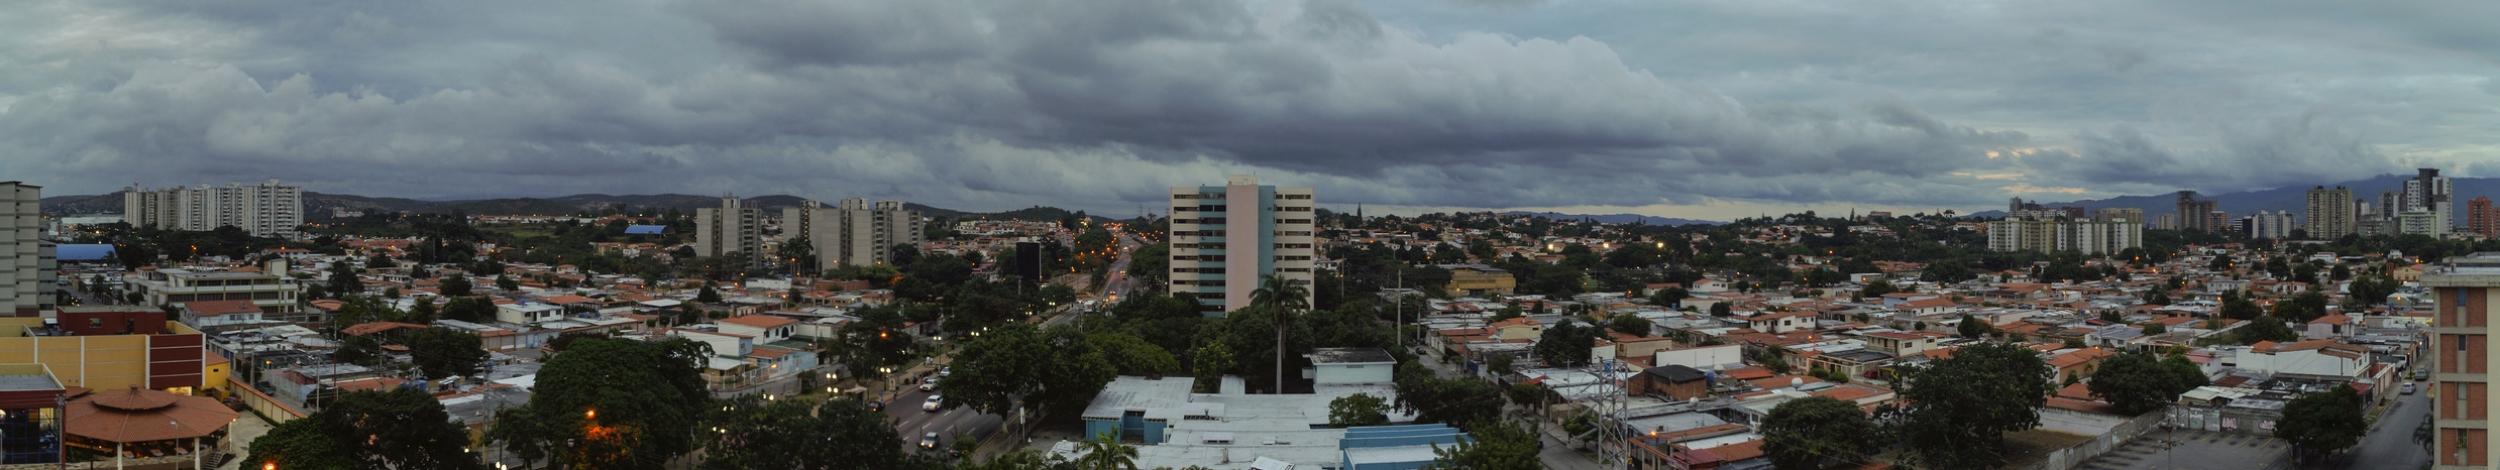 Barquisimeto, Lara, Venezuela  Source